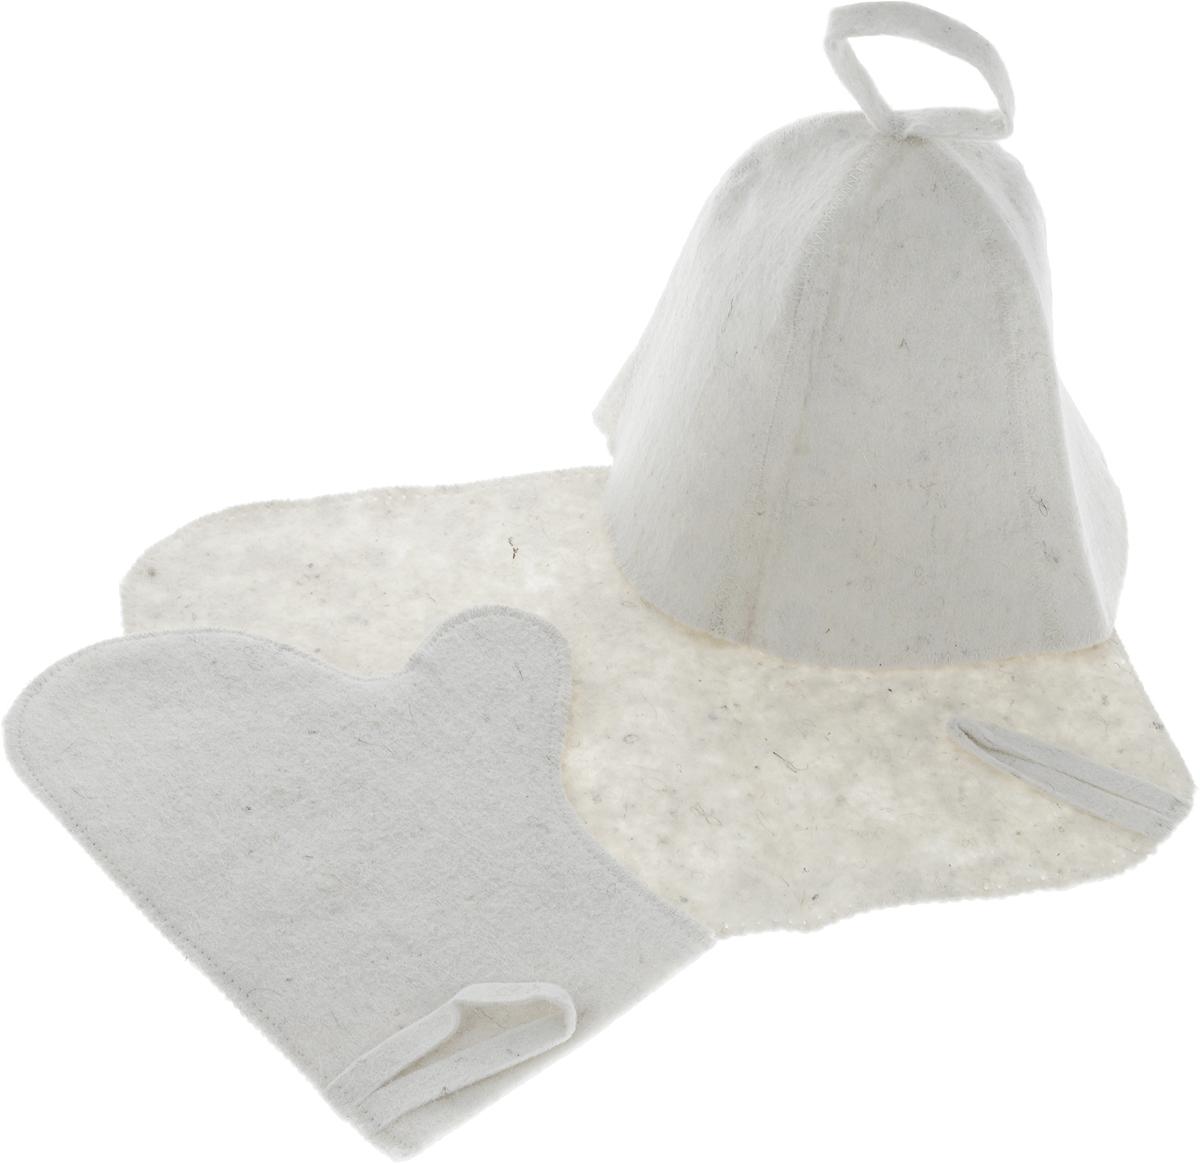 Набор для бани и сауны Proffi, 3 предмета набор для бани и сауны proffi парься от души 3 предмета ps0079